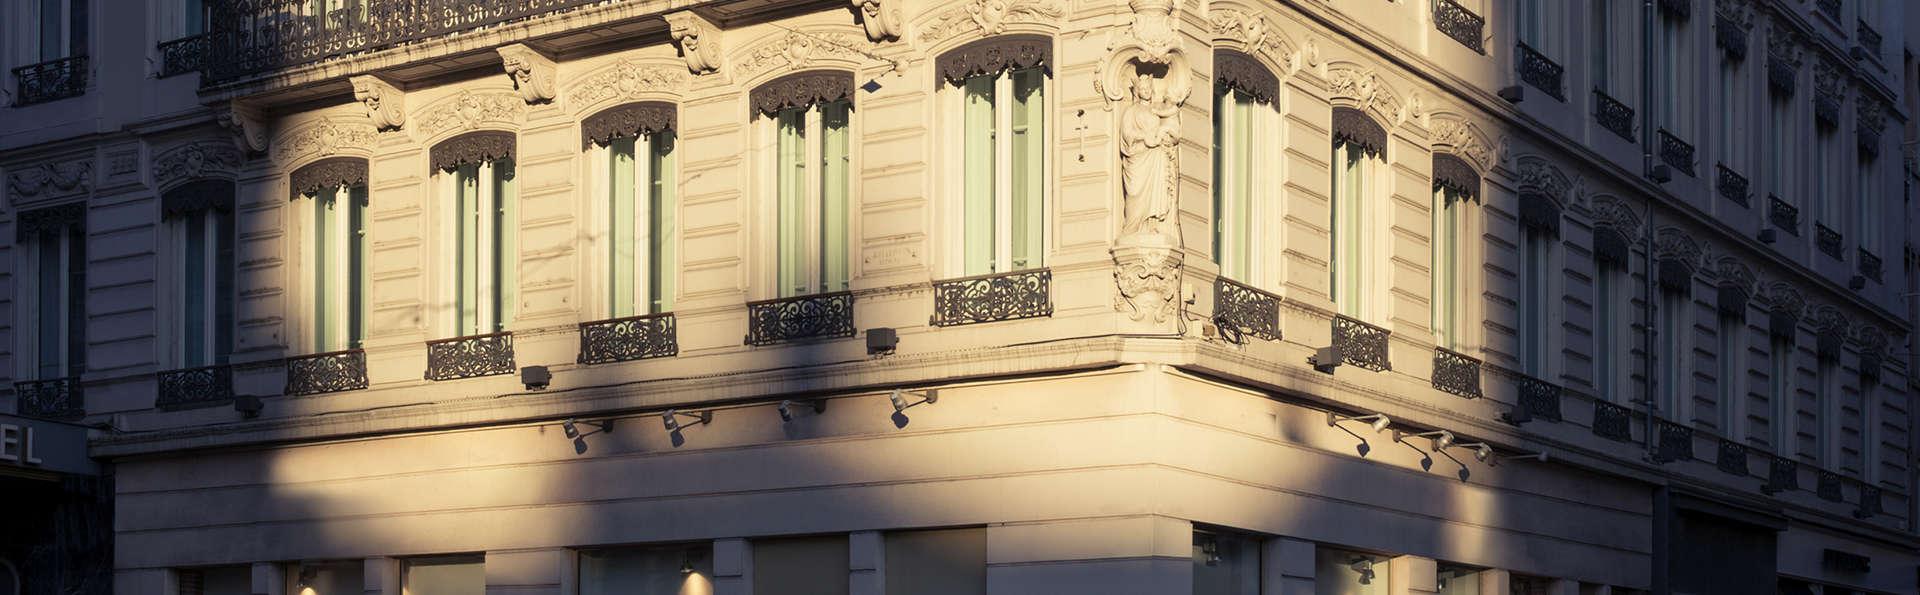 Mercure Lyon Beaux Arts - EDIT_Exterieur_hotel__1_.jpg